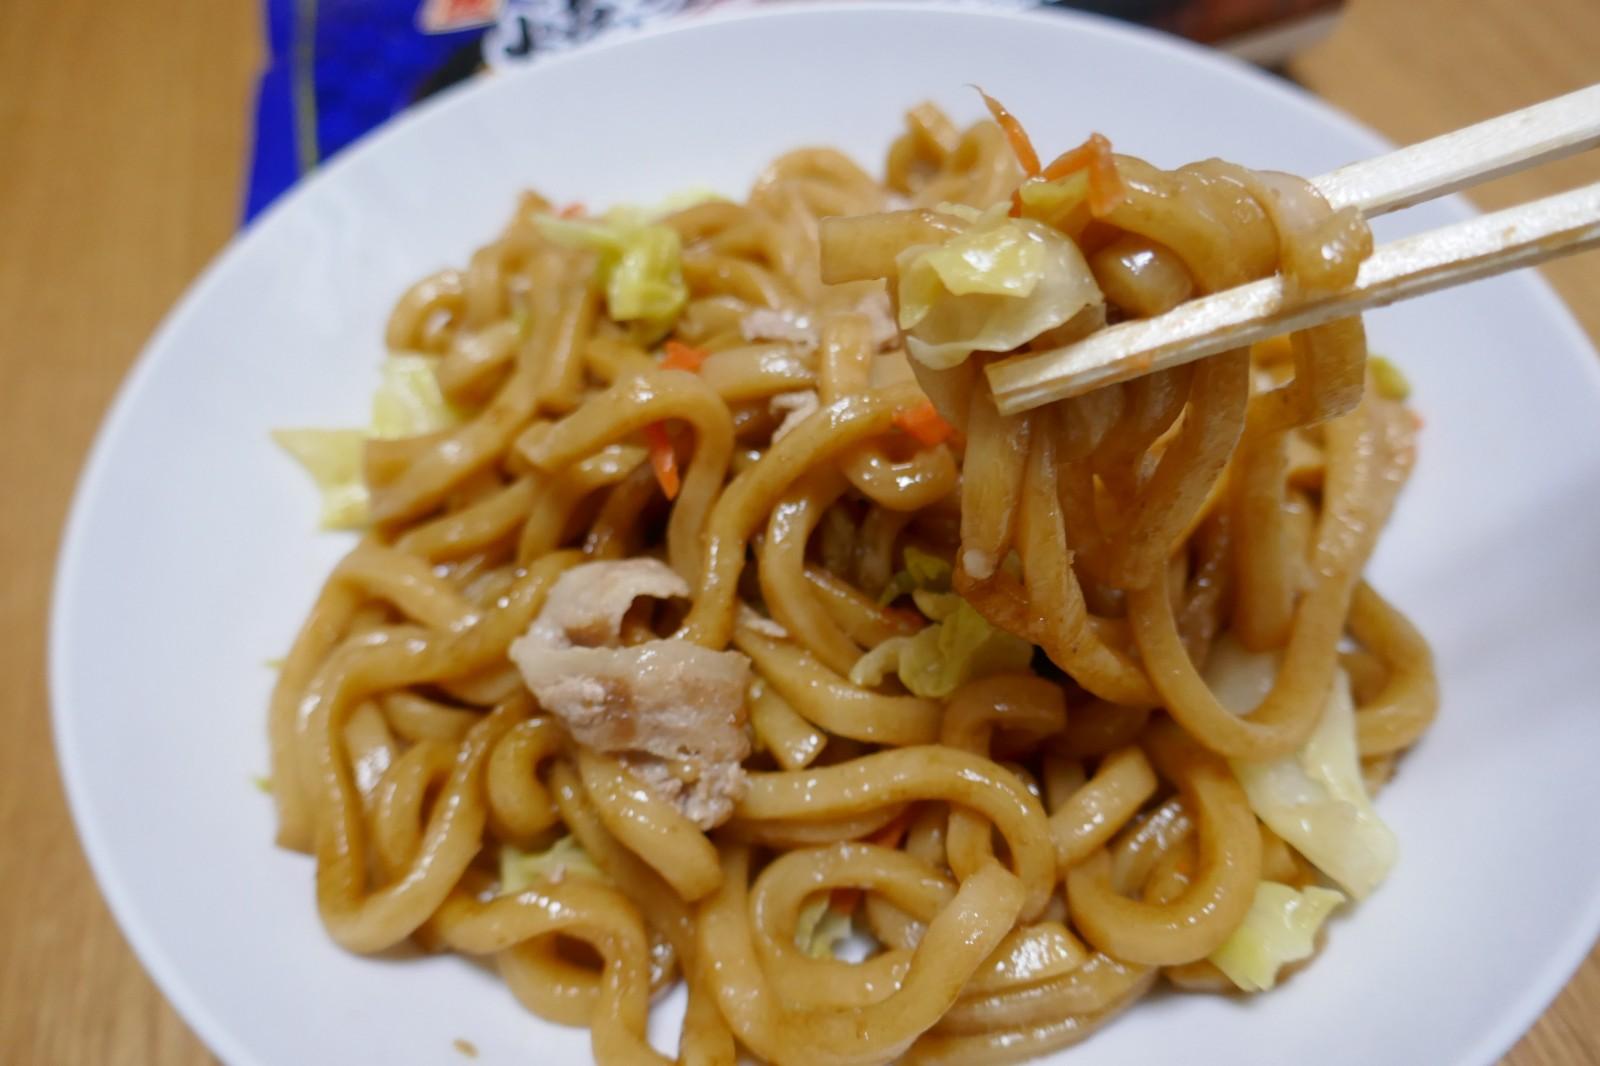 なんという幸せな食感♪「マルちゃん もっちりした太麺の焼うどん 醤油味」「おつまめ えだまめ」も好評~